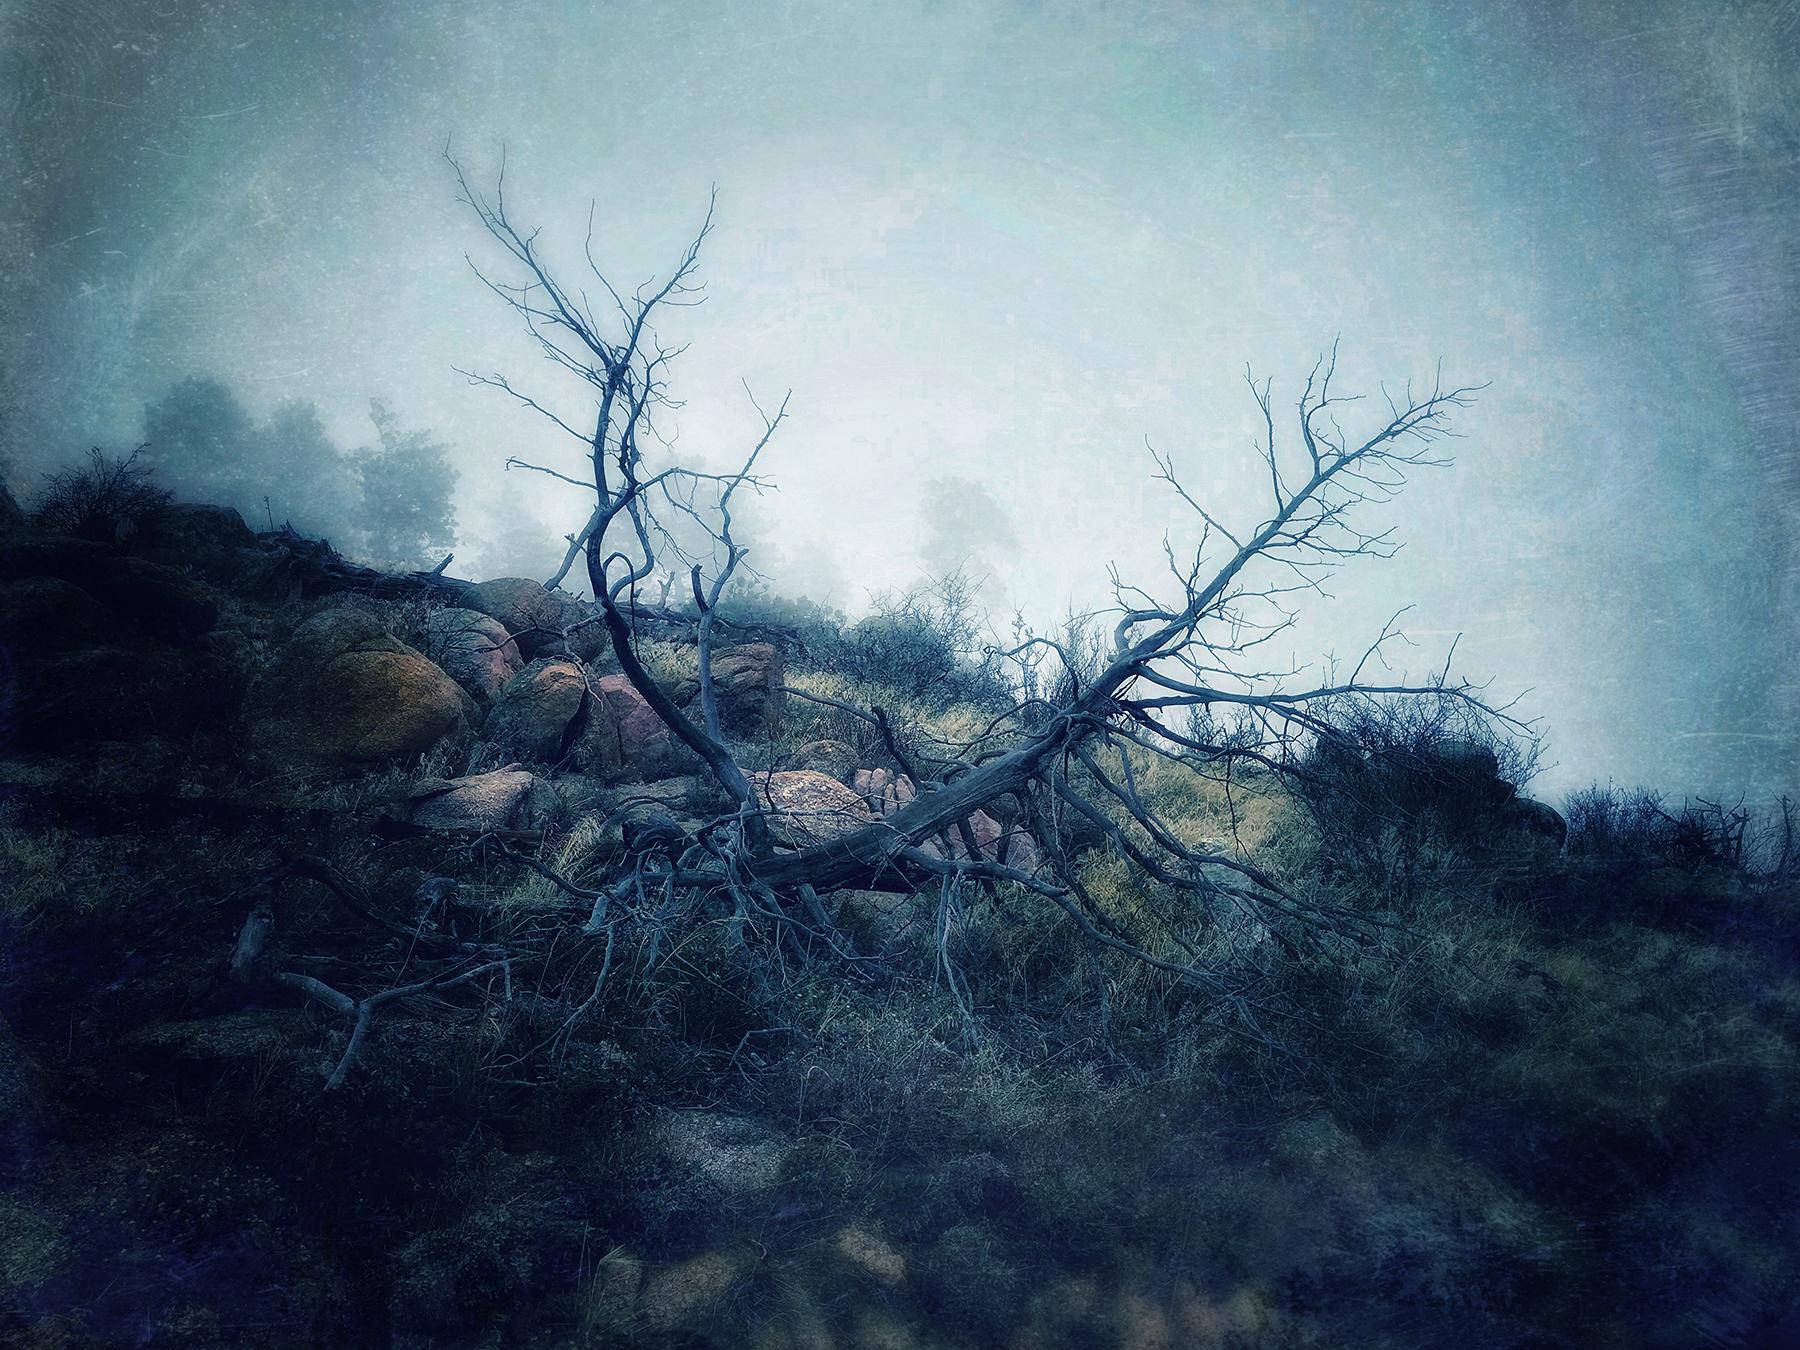 Kate_ZariRoberts_Ghost Tree.jpg